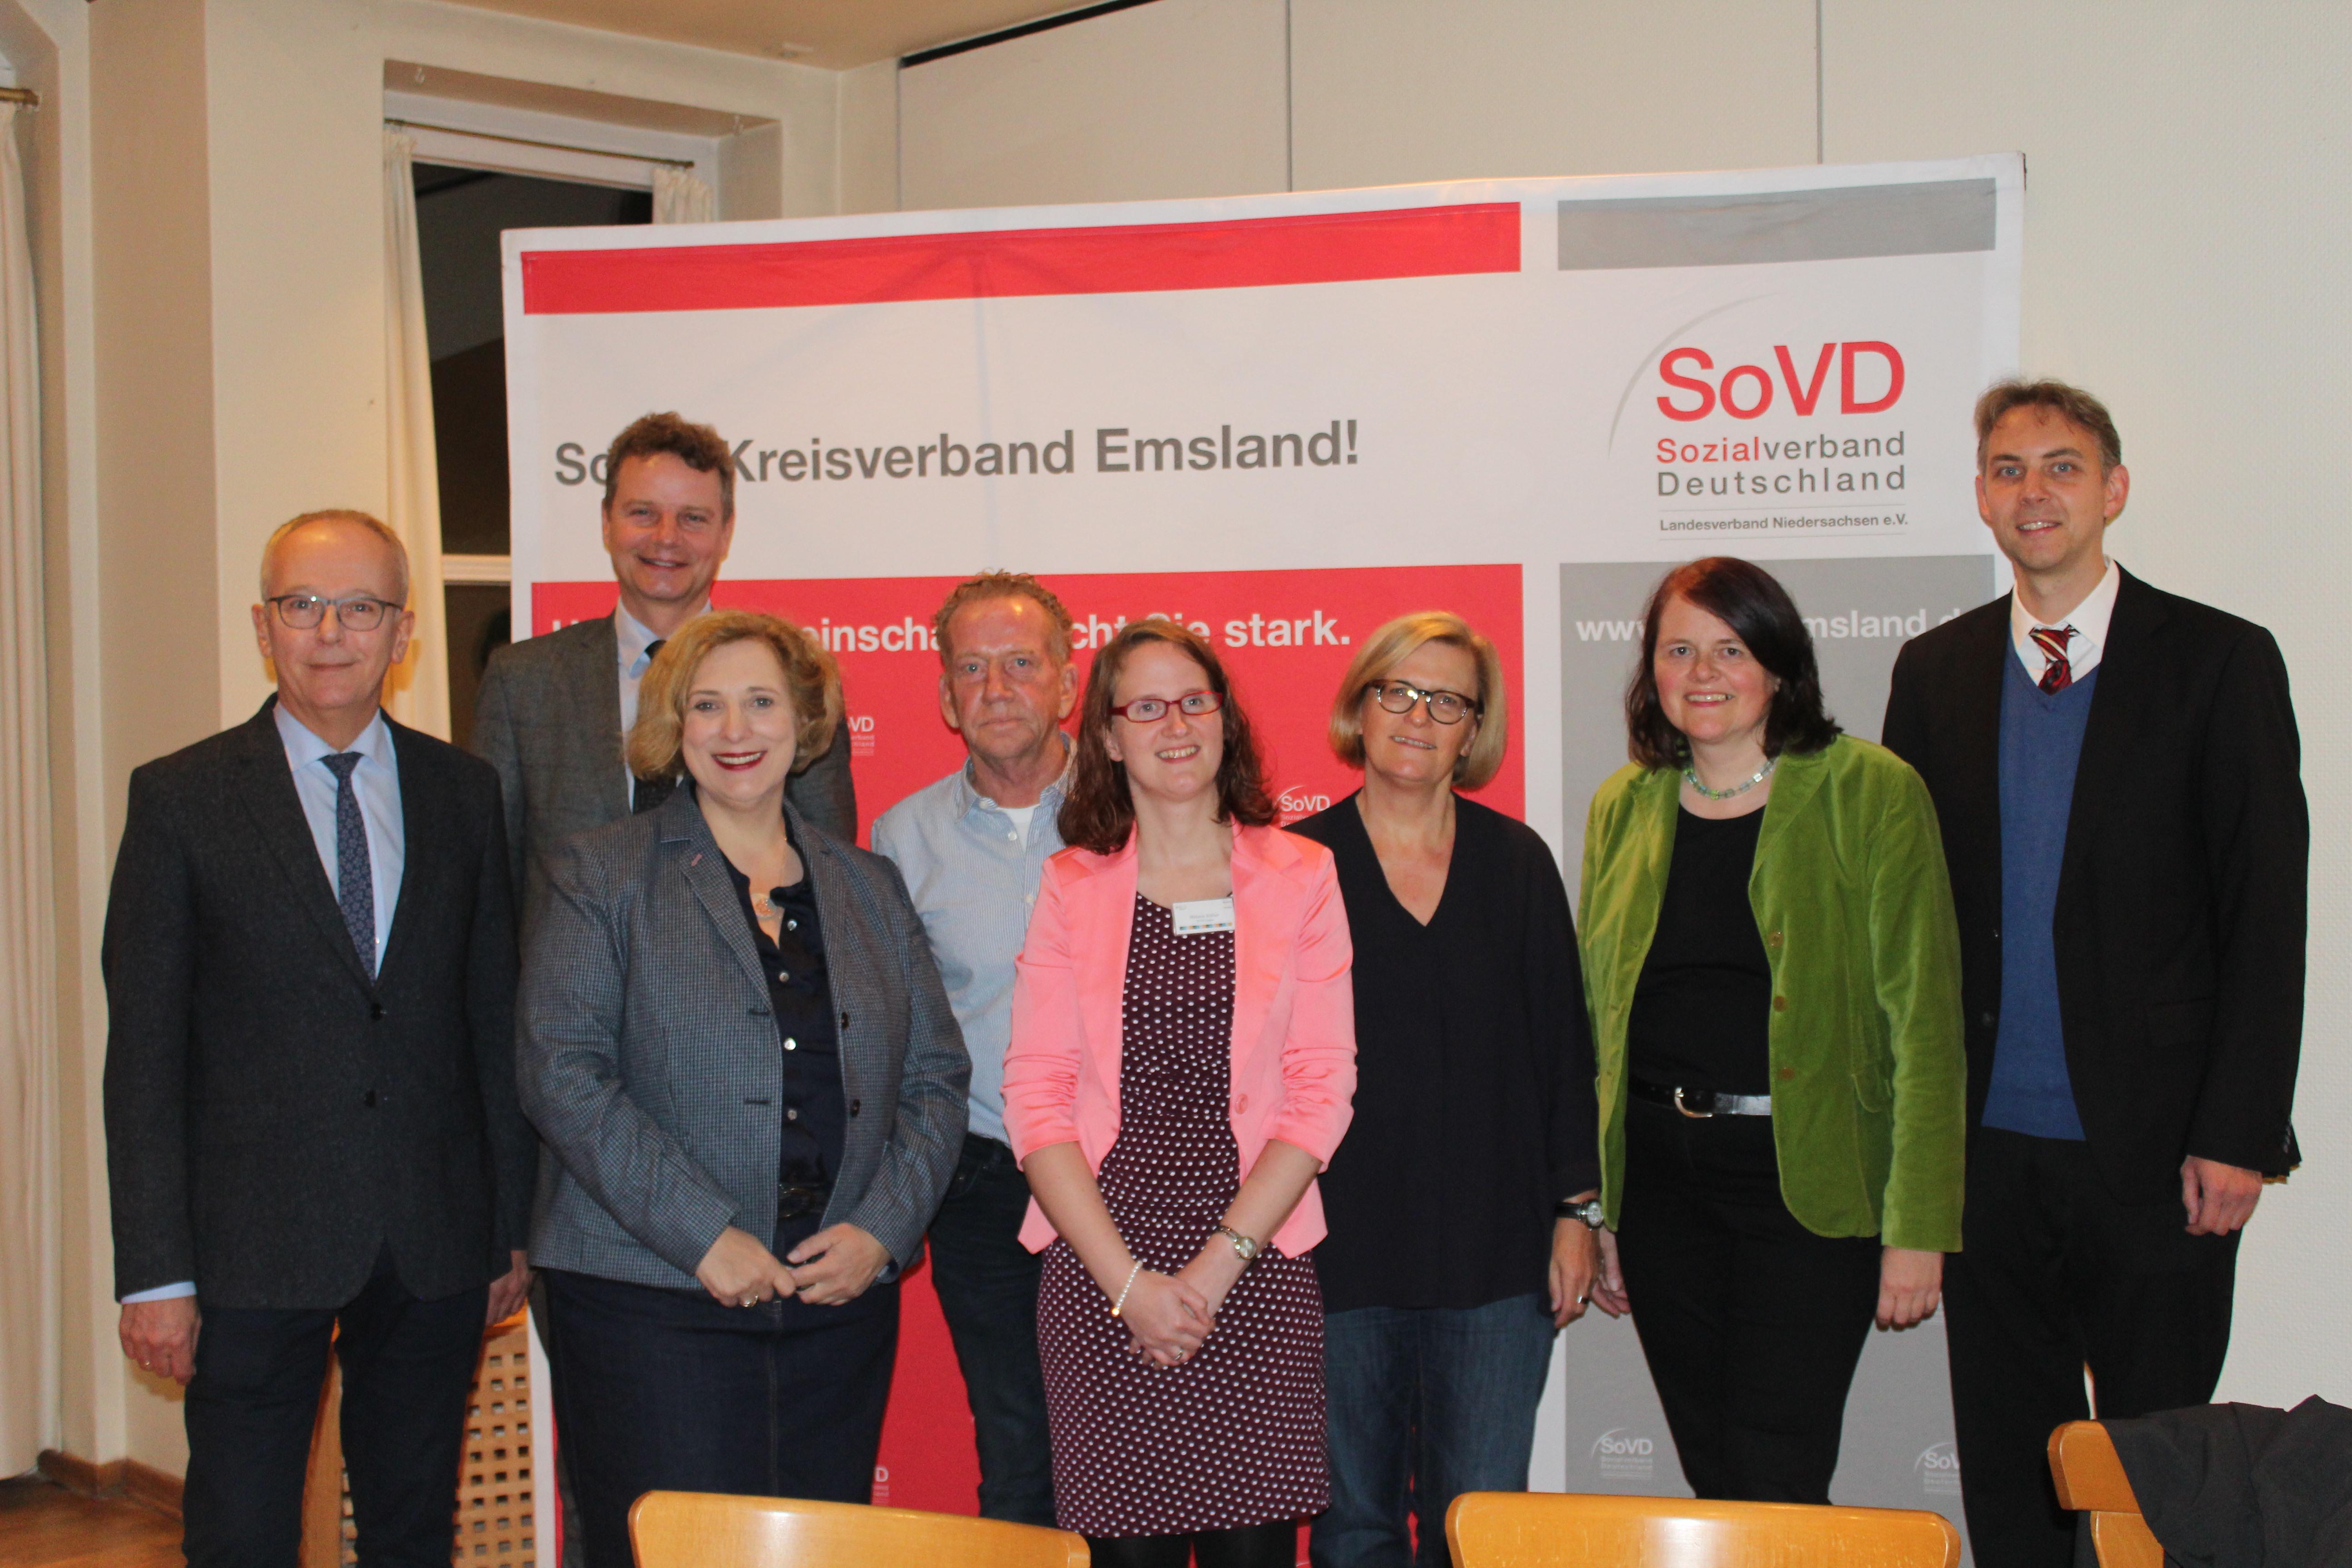 V.l.n.r.: Martin Gerenkamp, Jens Beeck, Dr. Daniela De Ridder, Siggi Gebbeken, Melanie Rüther, Meike Janßen, Petra Künsemüller und Heinrich Schepers (Foto: Petra Hanses vom SoVD Lingen)